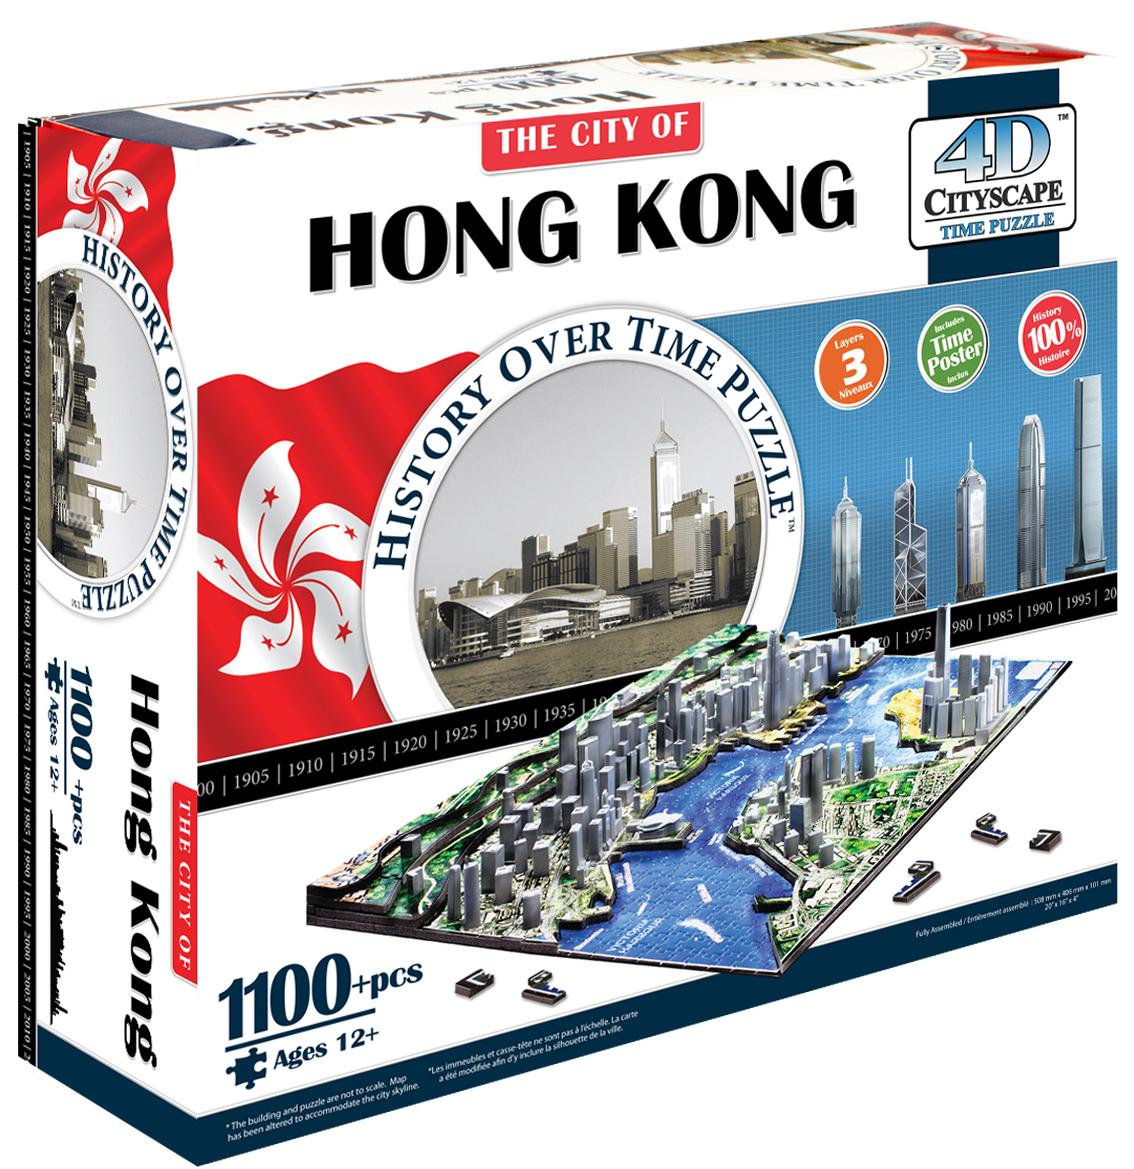 Пазлы 4D Cityscape Пазл 4D Cityscape «Гонконг» 1000 дет. объемный волчок beyblade 4d beyblades 4d bb 119 beyblade hyperblade bb119